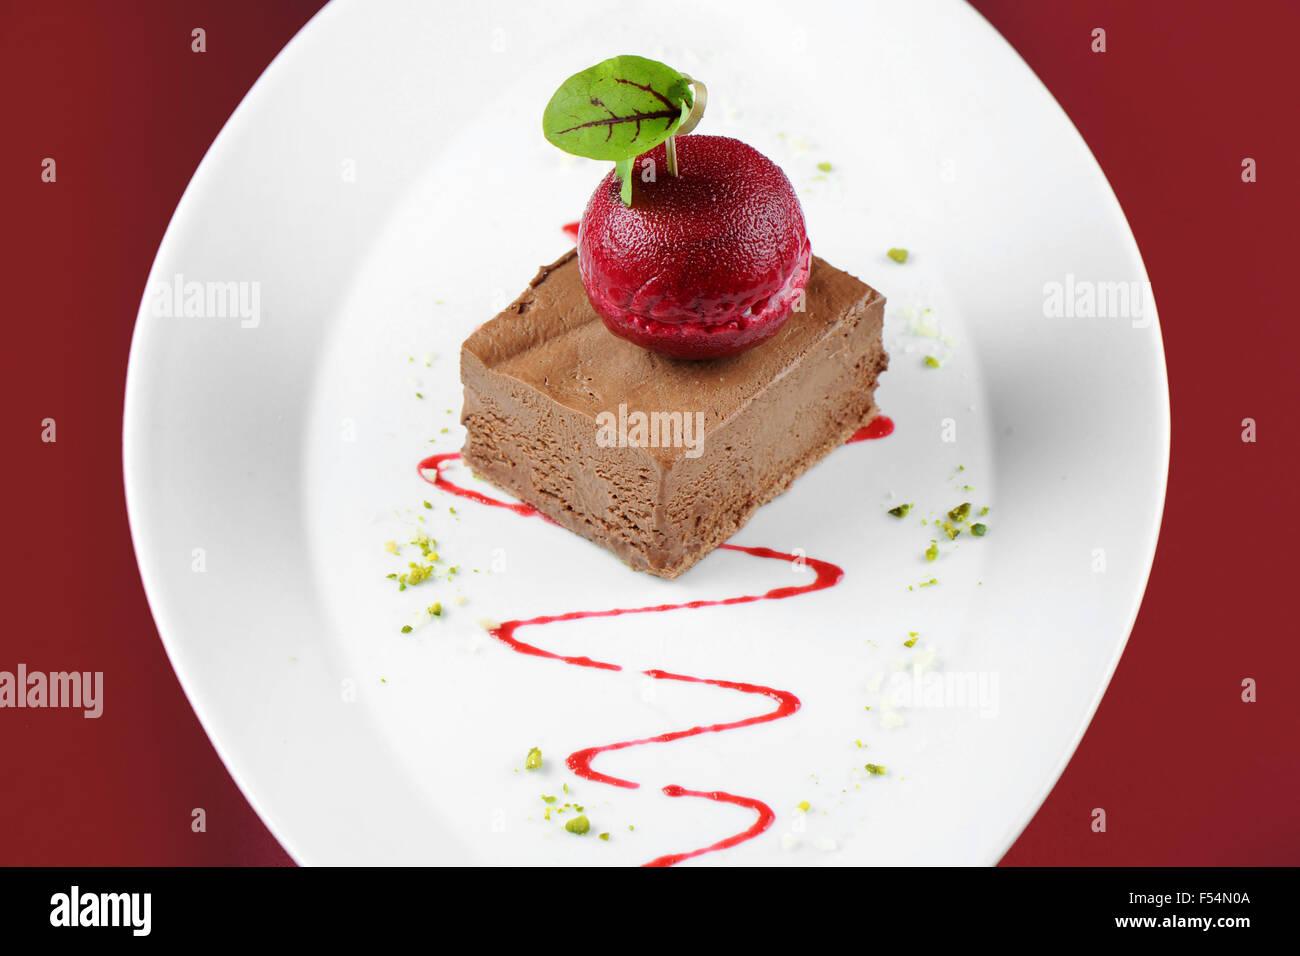 Ratón Chocolate Gourmet postre helado con un sorbete de color cereza oscuro. Foto de stock